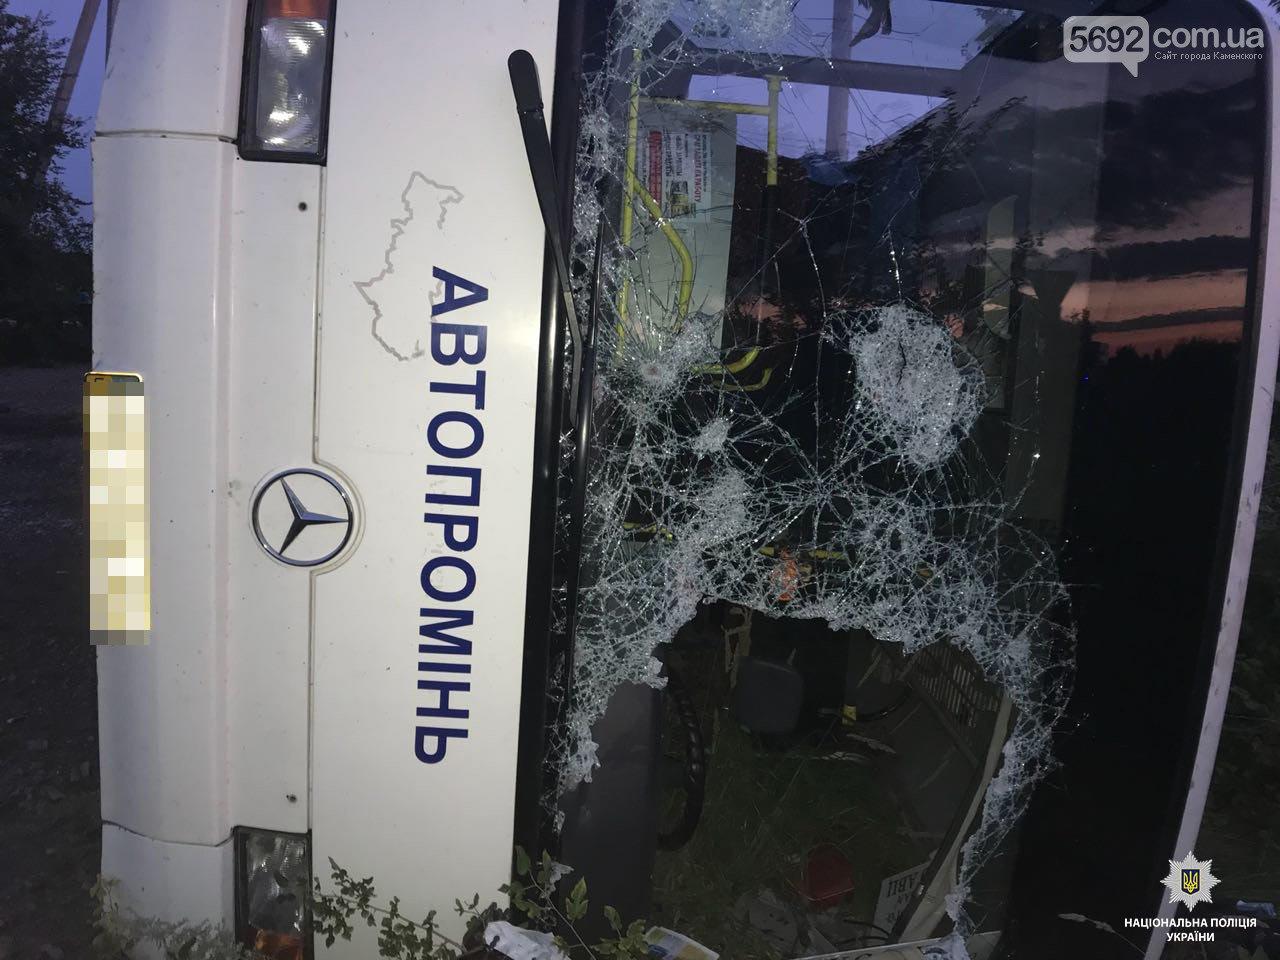 Водителю, виновному в смертельном ДТП с автобусом «Днепр - Каменское», вынесли приговор, фото-1